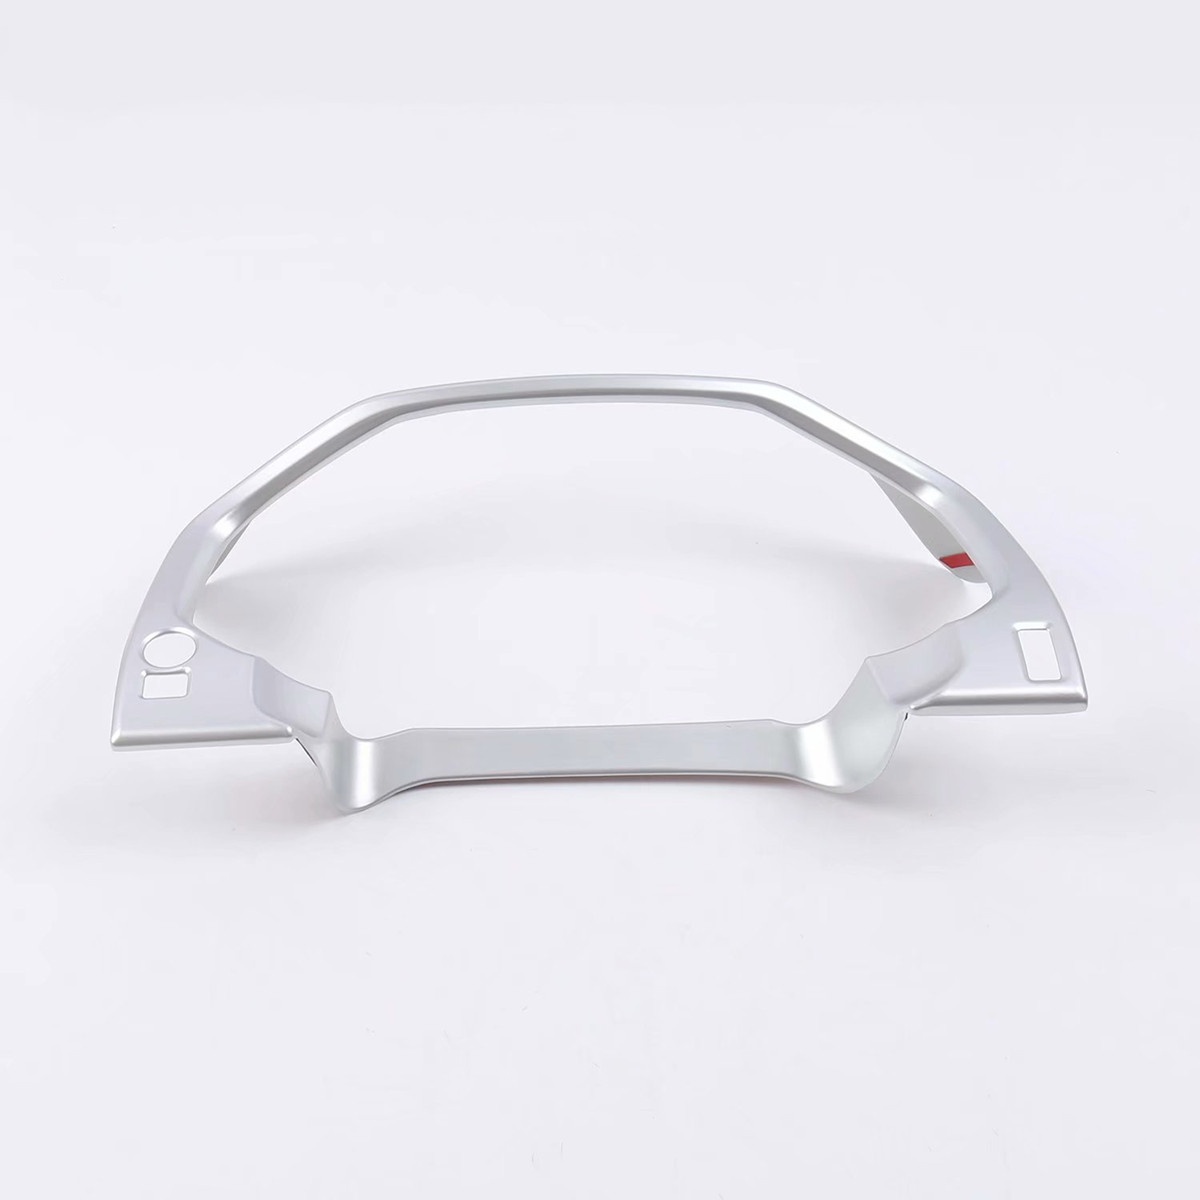 Pour Toyota Land Cruiser Prado 150 2018 FJ150 ABS Chrome voiture tableau de bord accessoires de couverture décoratifs